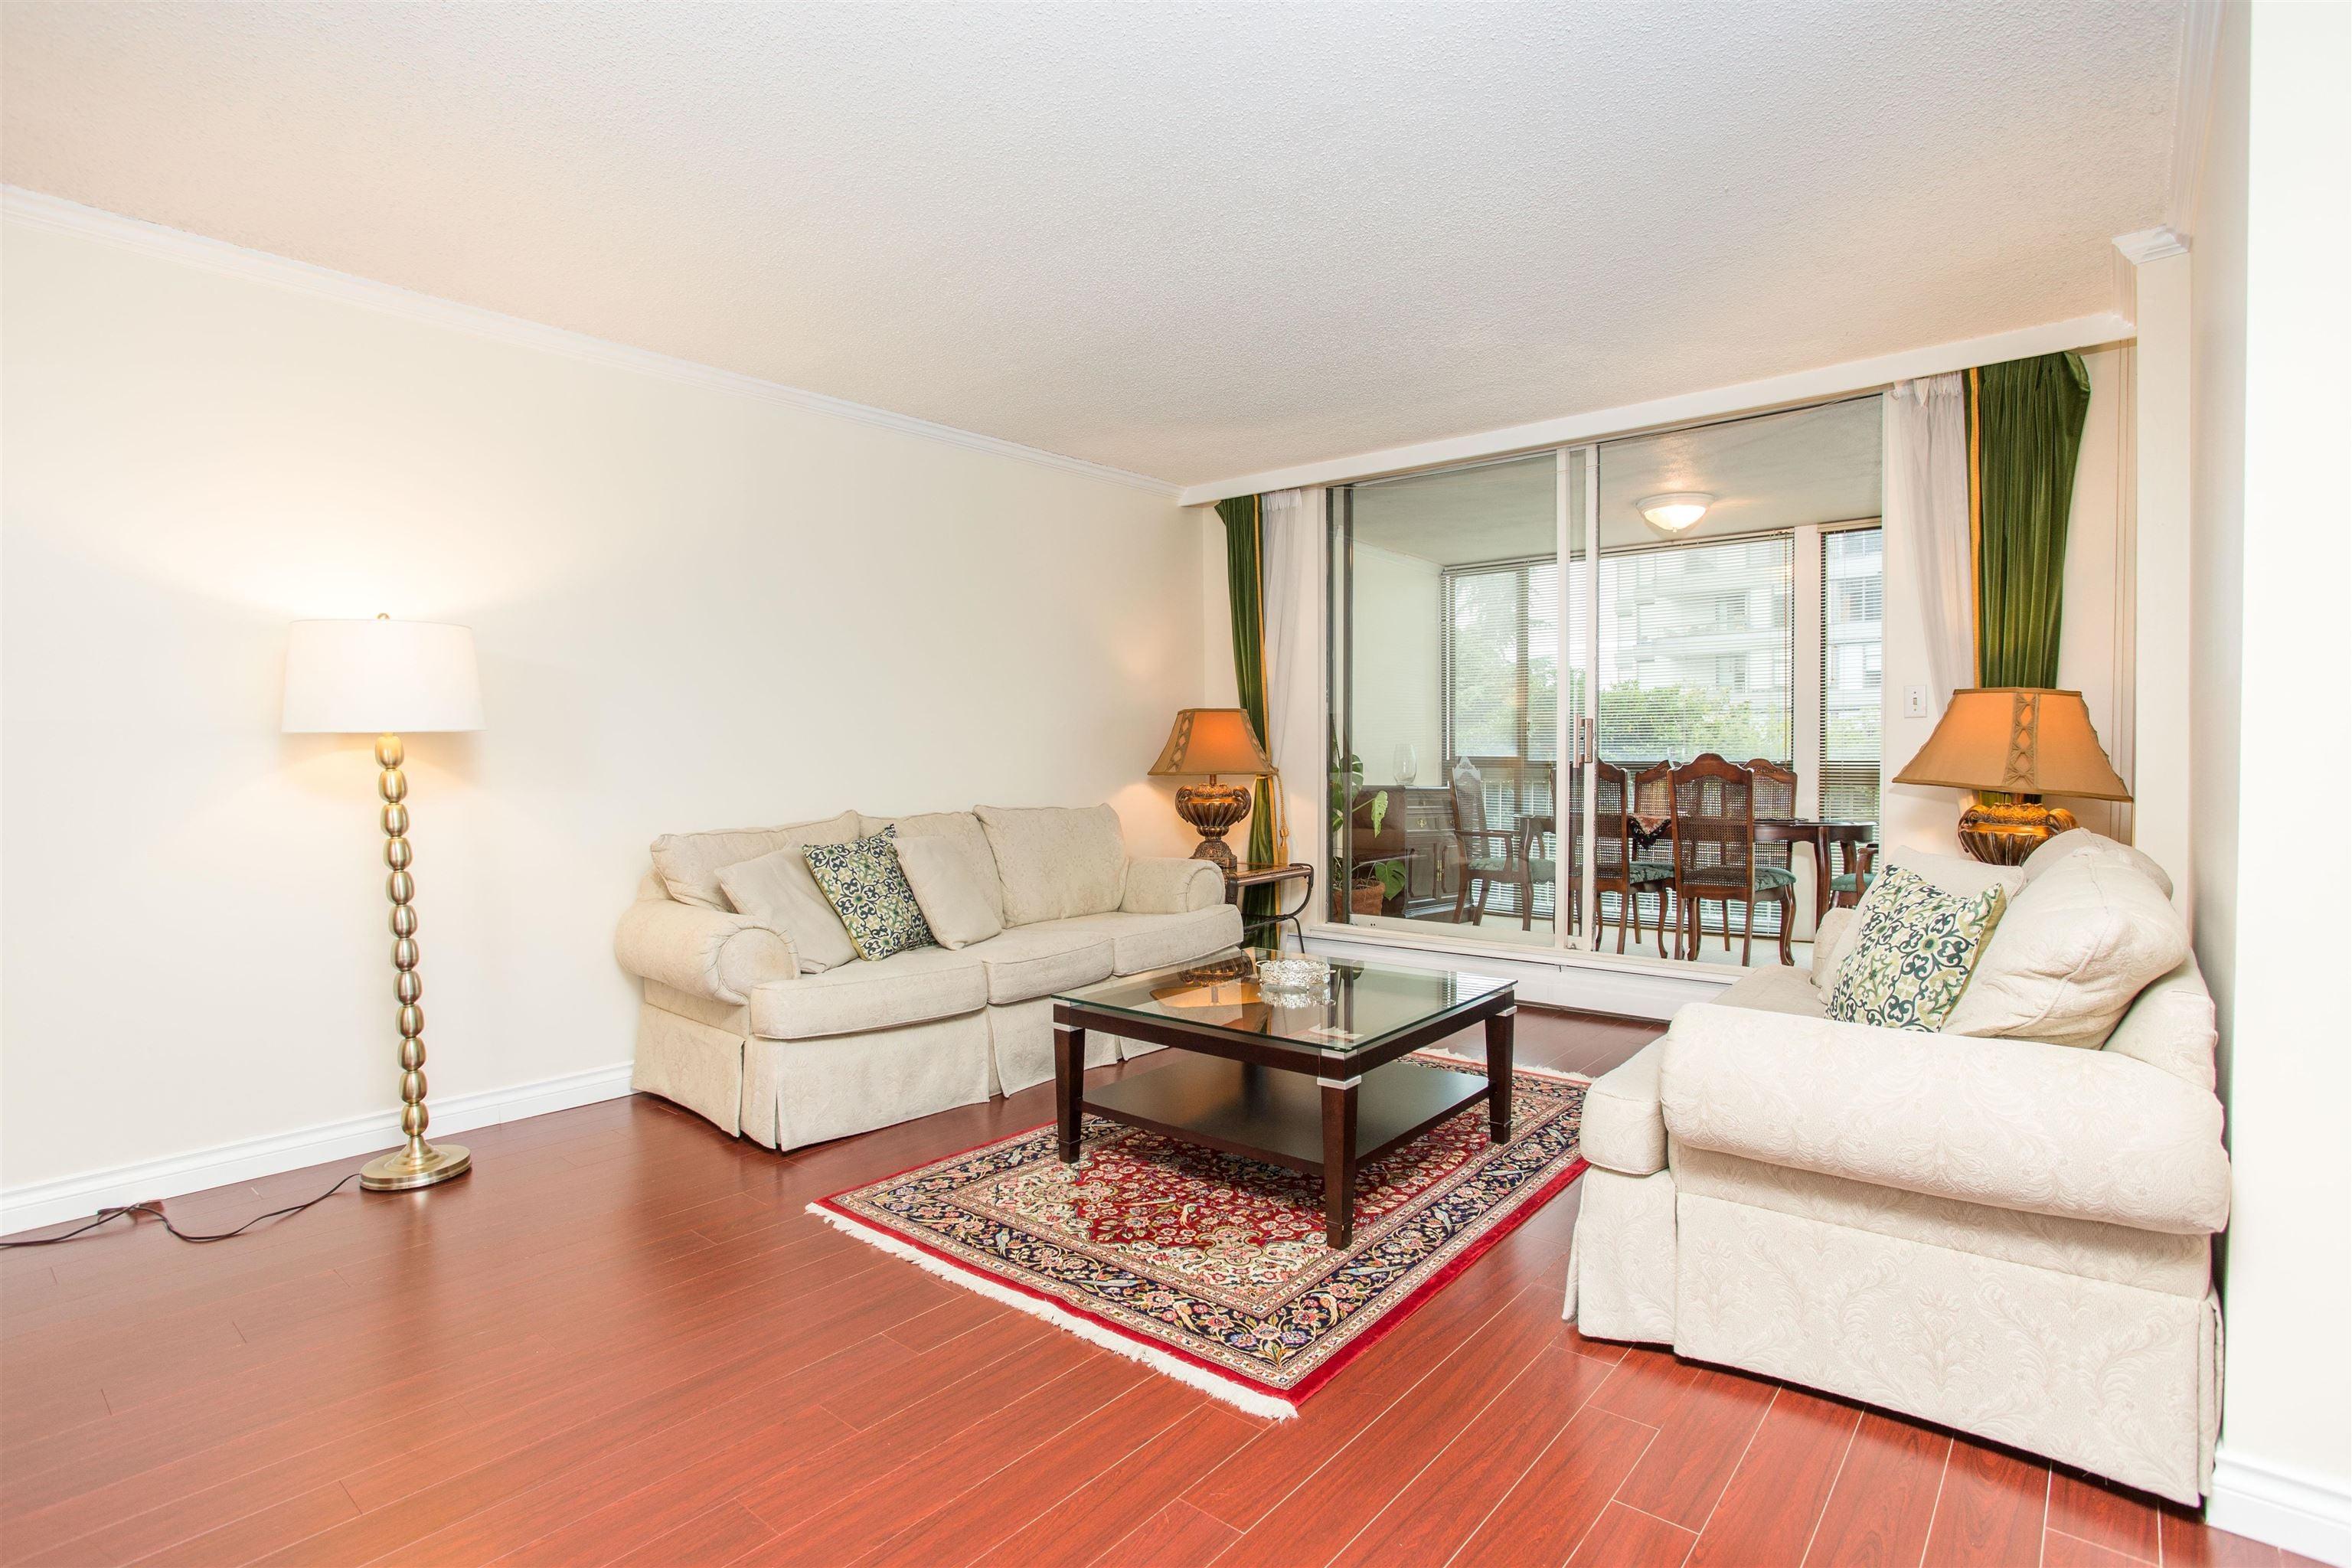 203 1390 DUCHESS AVENUE - Ambleside Apartment/Condo for sale, 1 Bedroom (R2611618) - #4